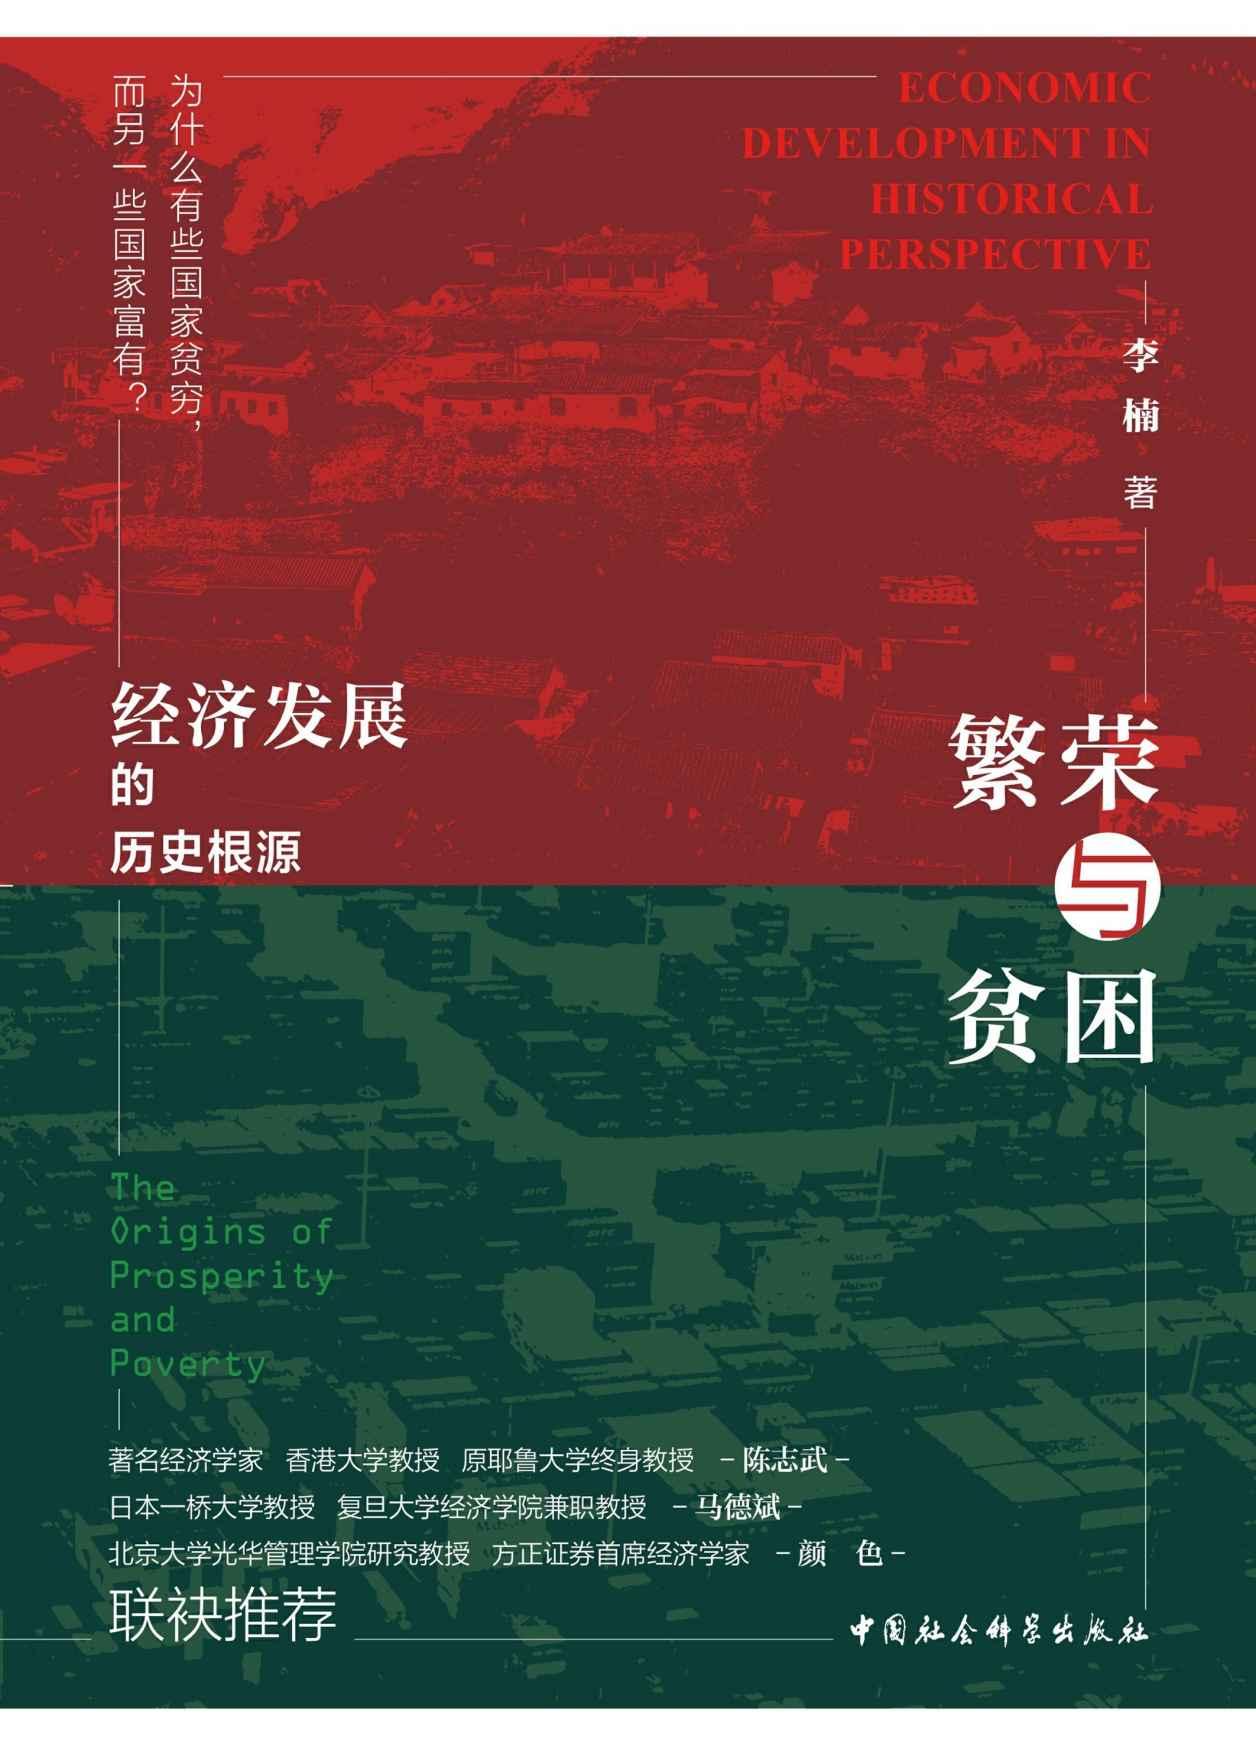 繁荣与贫困:经济发展的历史根源—李楠—pdf+mobi+epub+txt+azw3电子书下载